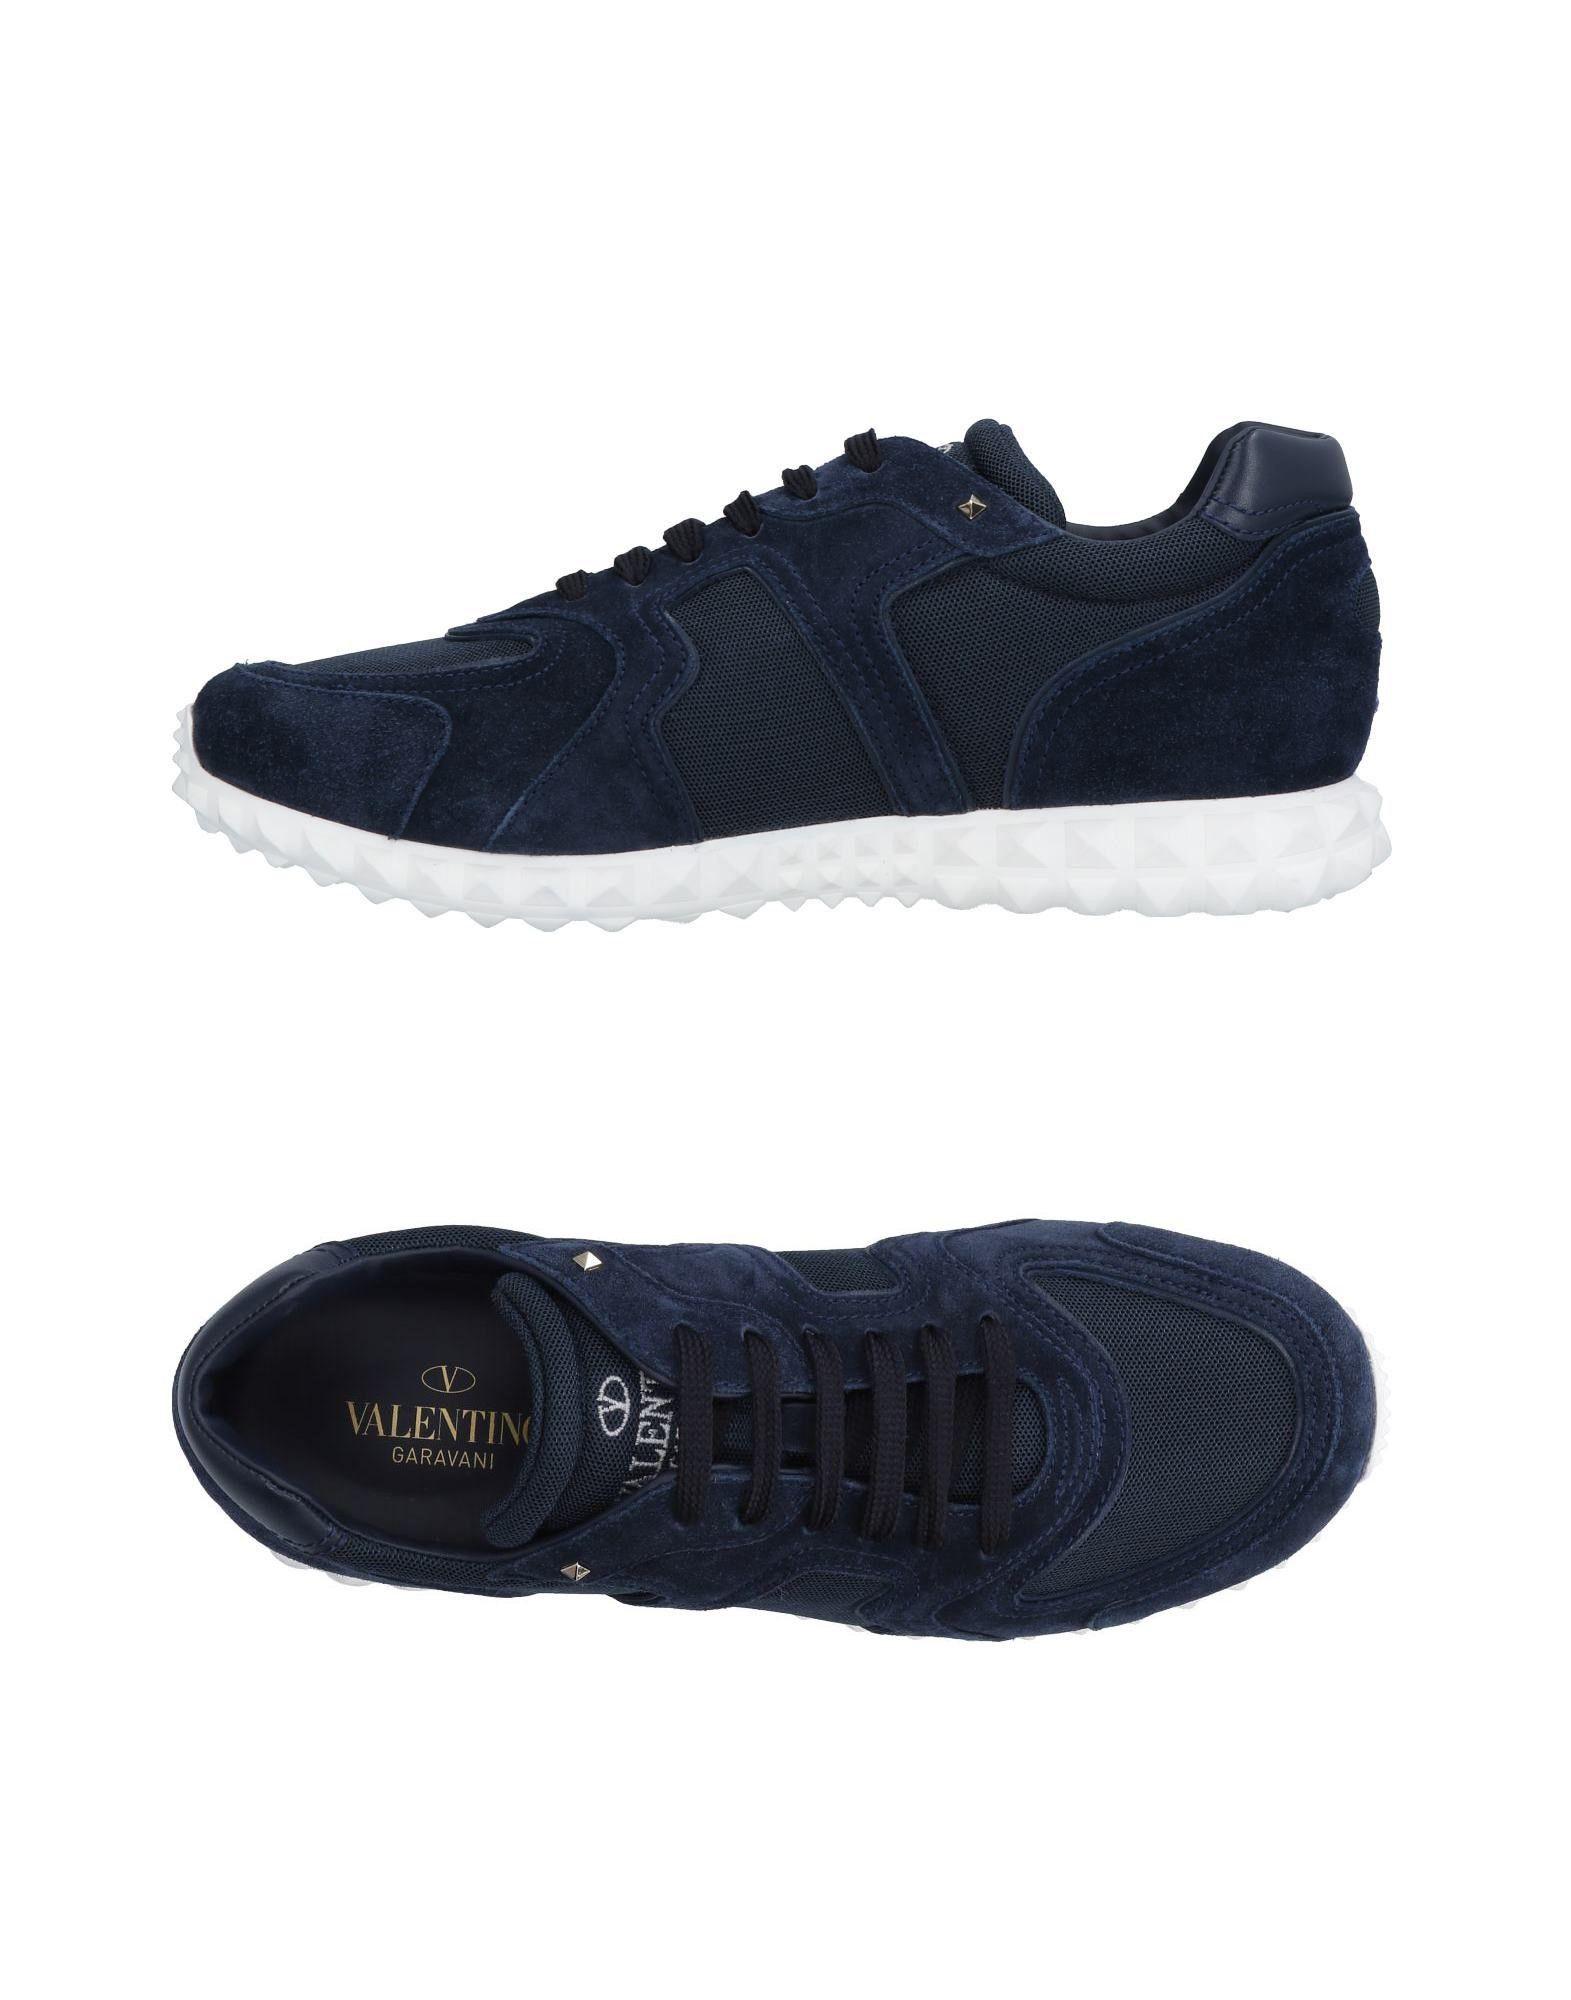 Valentino Garavani Sneakers Herren  11503231UA Gute Qualität beliebte Schuhe